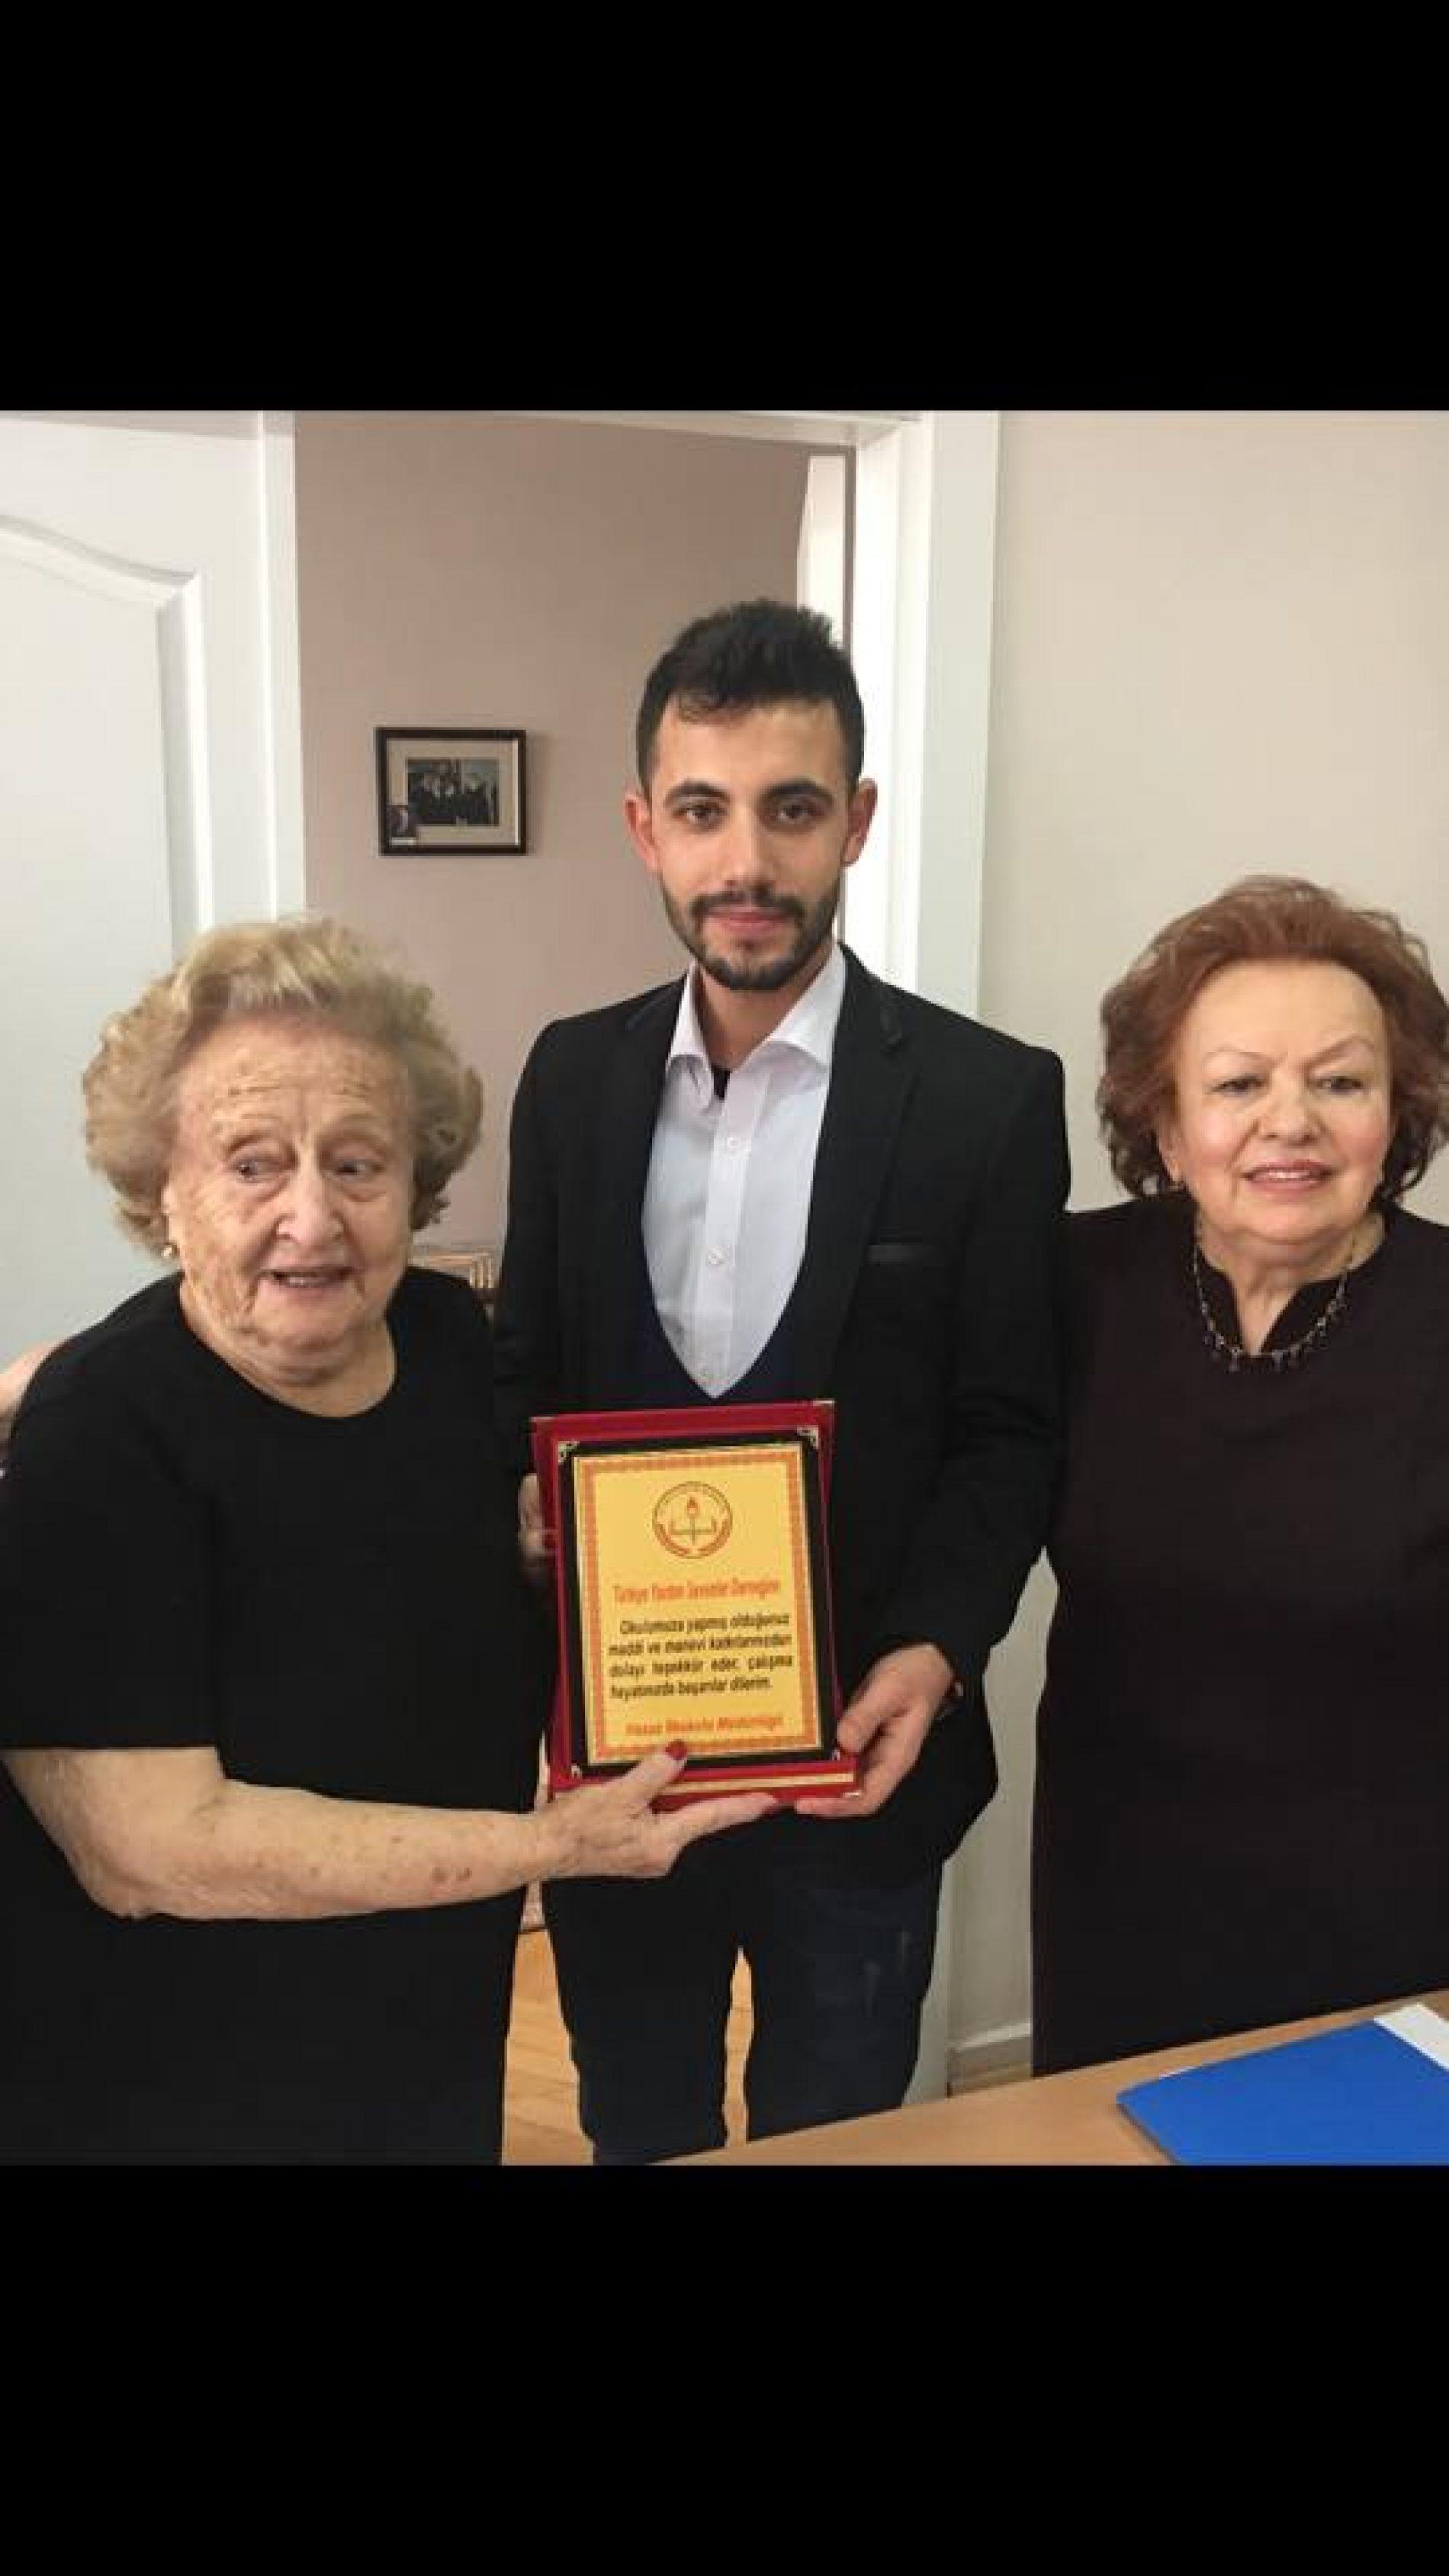 TYSD Genç Yardımsevenler Topluluğu'muzun Gönlü Kocaman Üyelerinden Bir Tanesi..